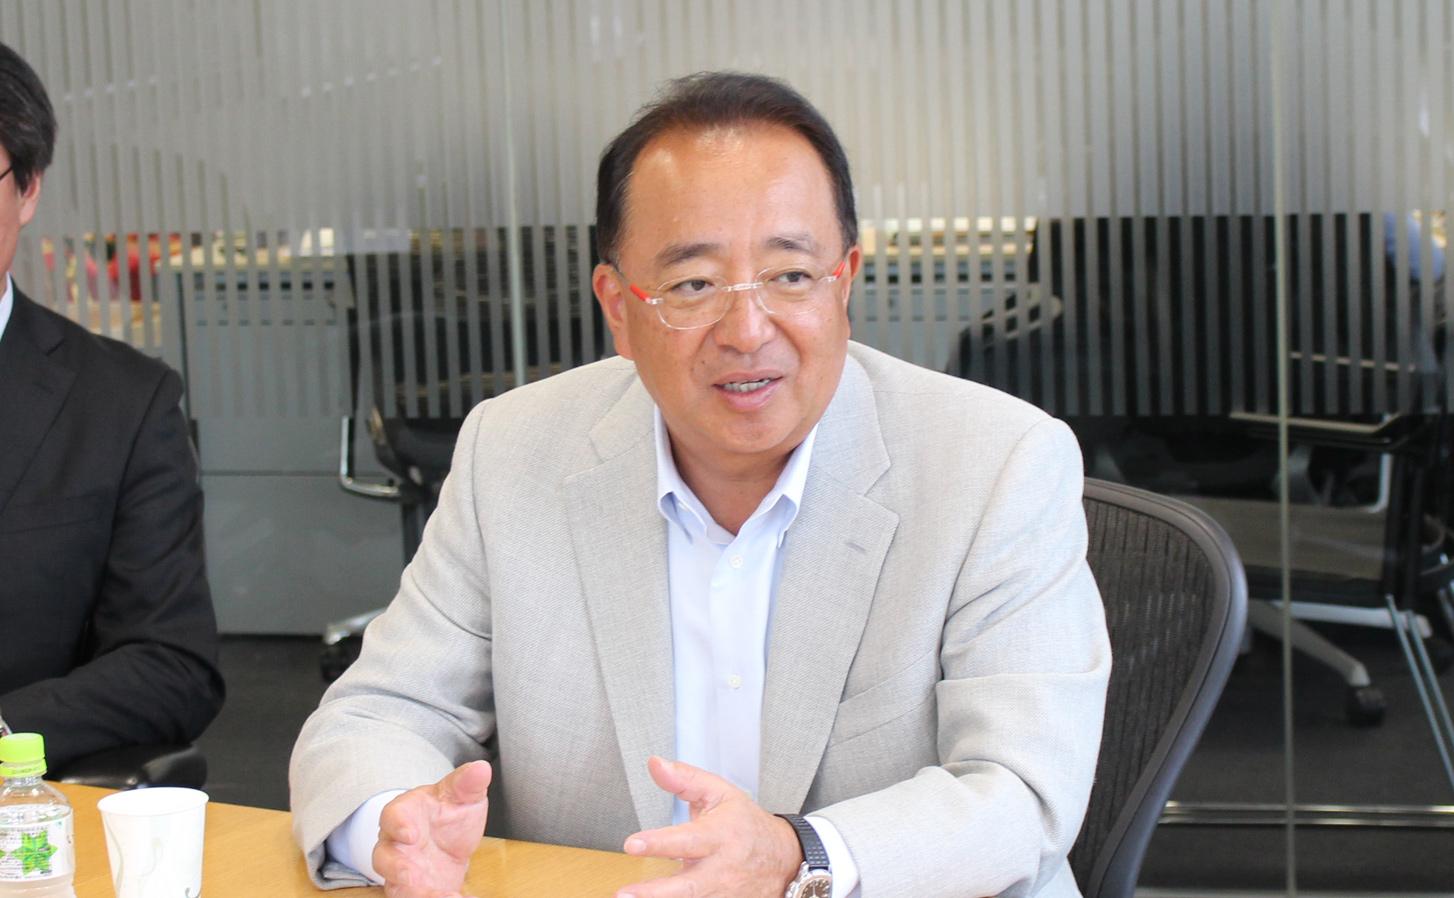 シグマクシス富村氏